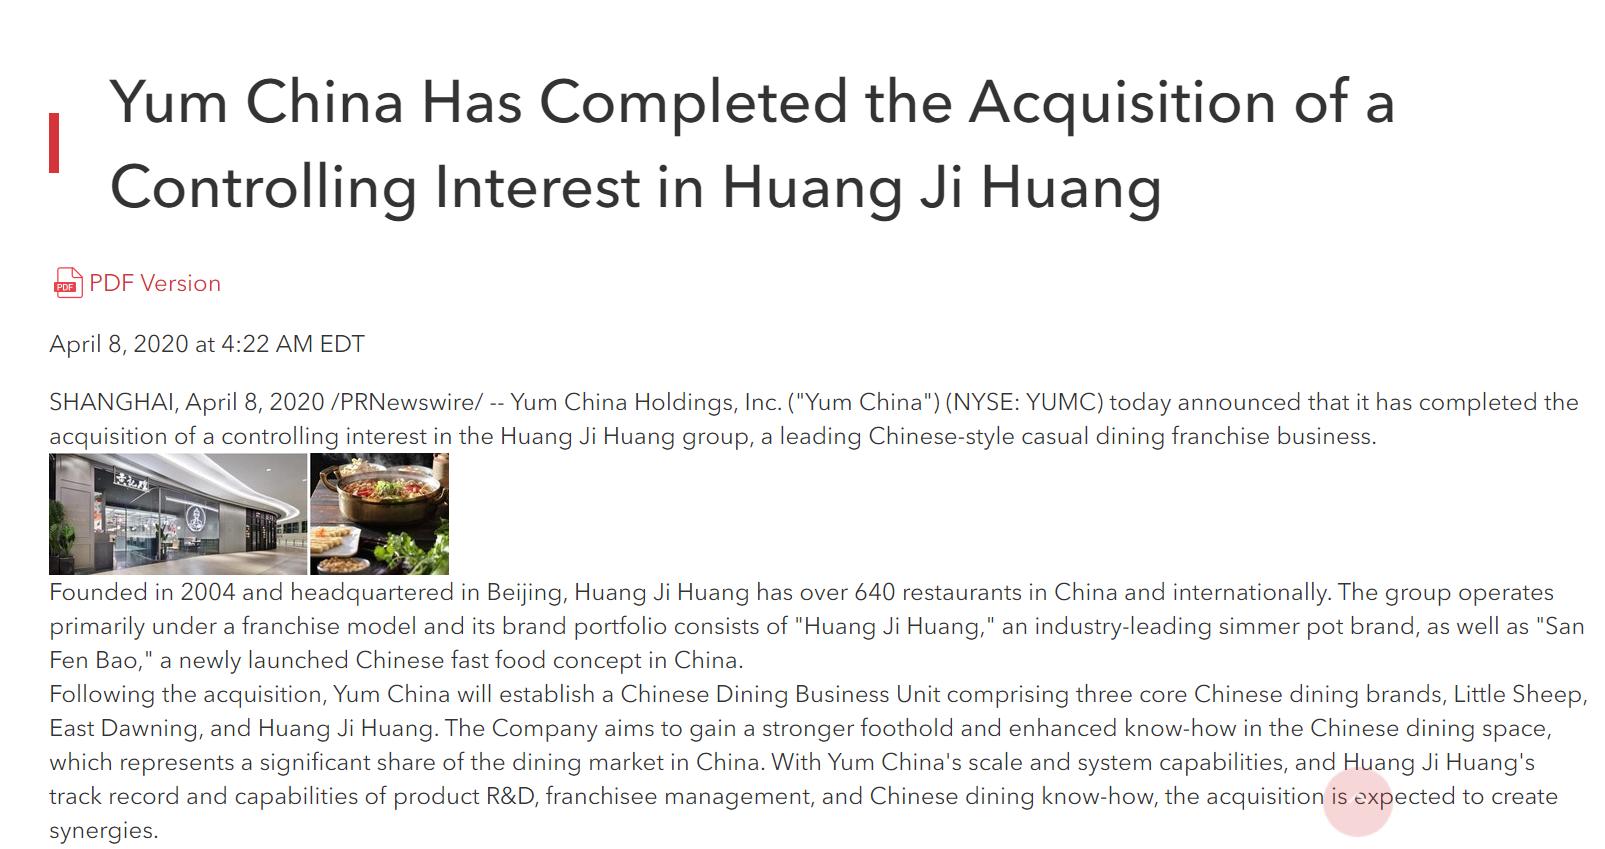 百胜中国完成对黄记煌控股权收购,将成立中餐事业部